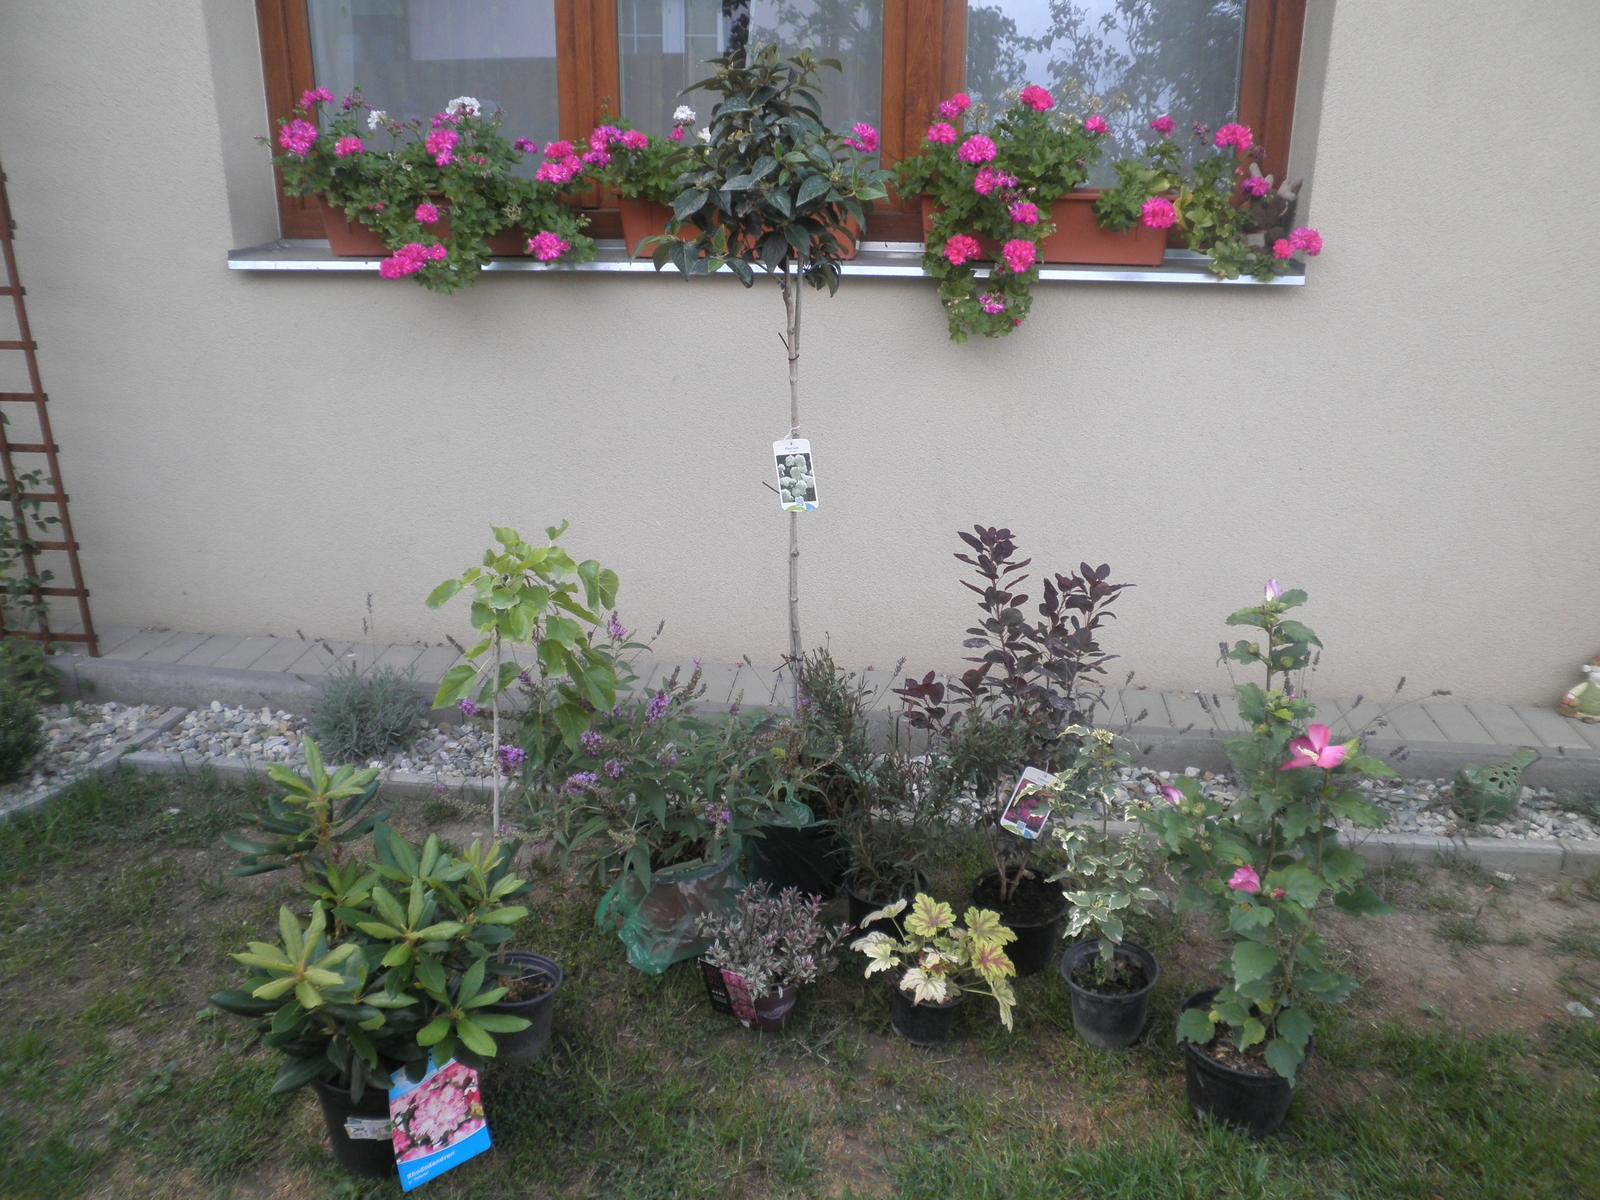 Včerejší a dnešní nákup - rododendron, moruše na kmínku, motýlí keř, hebe, dlužicha, kalina na kmínku, červená růj vousatá a ibišky